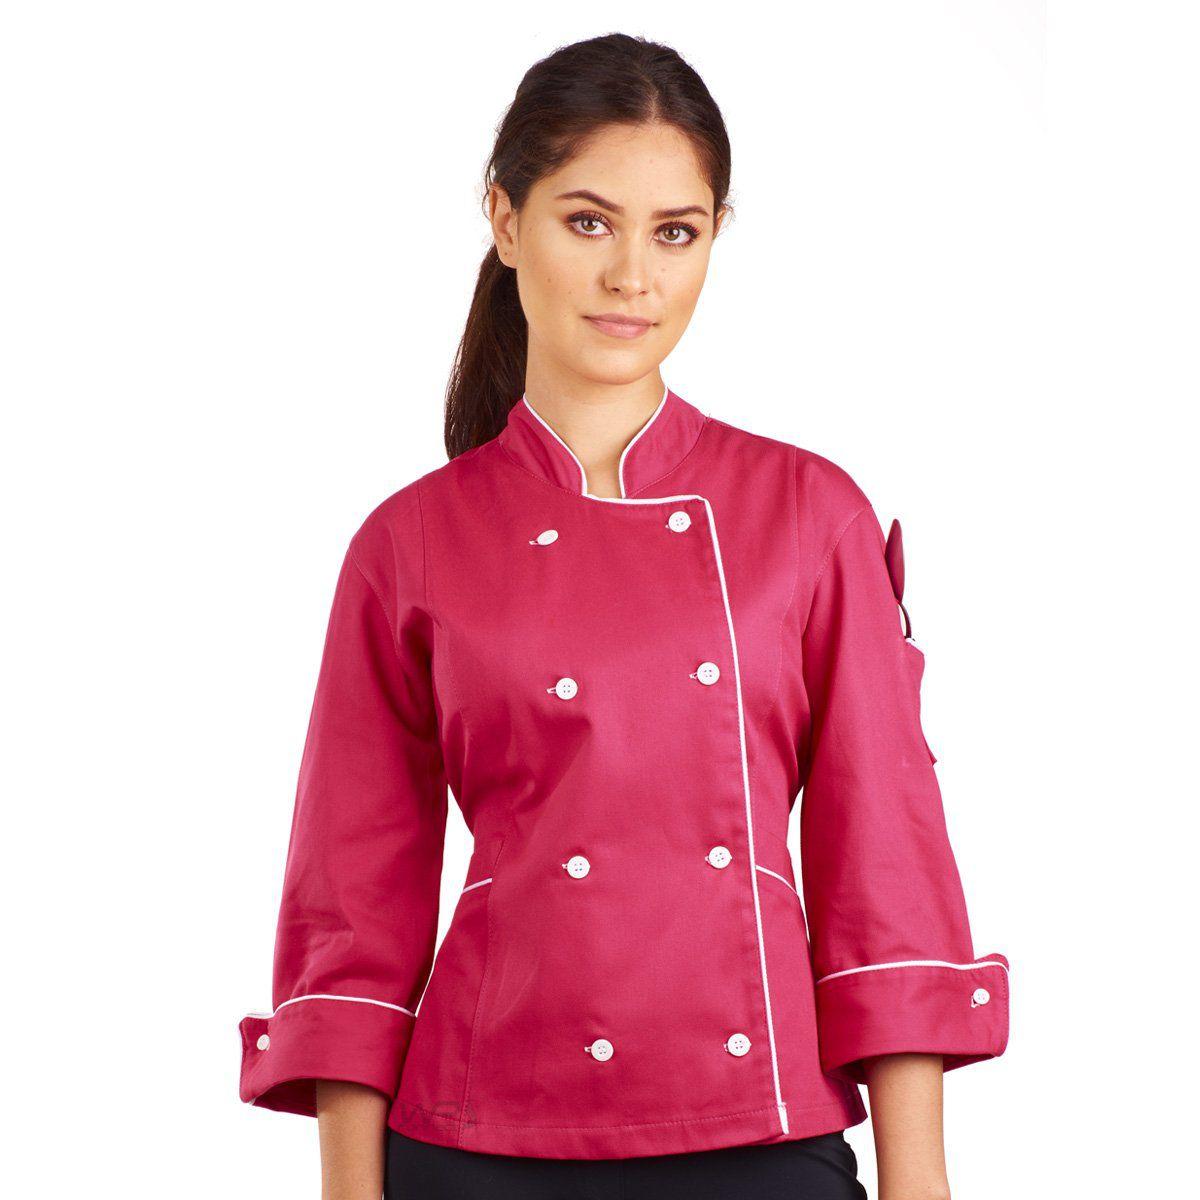 Dólmã Chef de Cozinha Feminina Madrid - Rosa/Branco